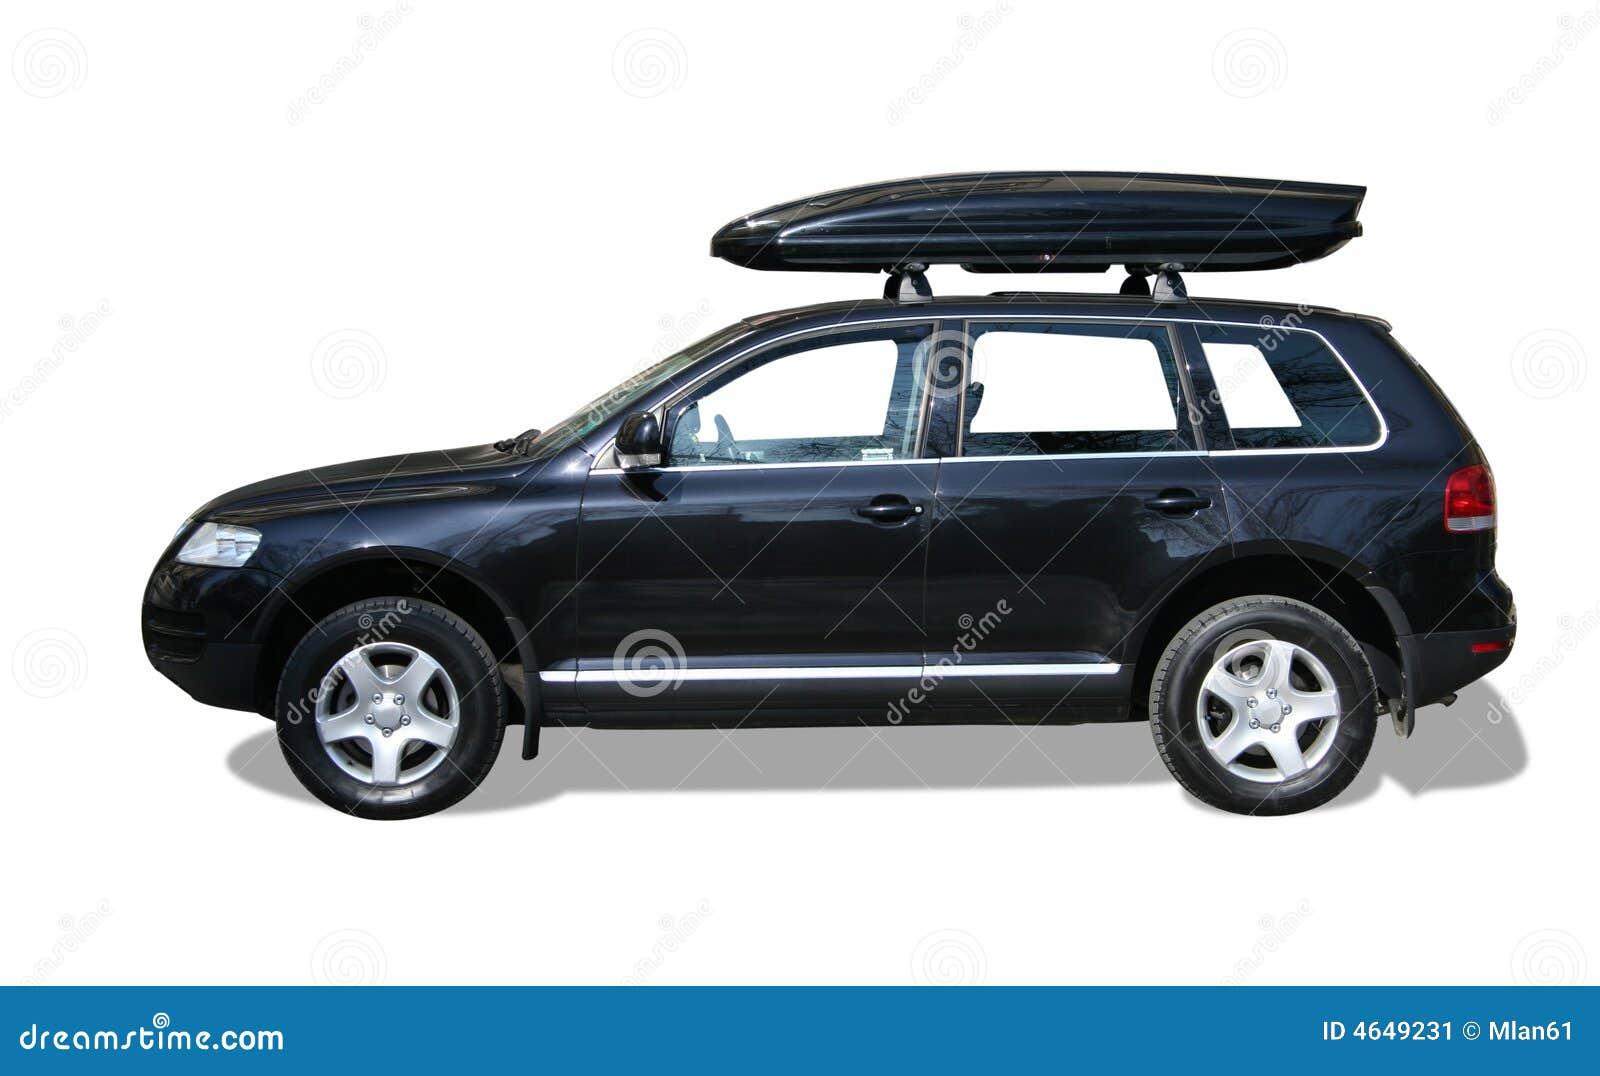 Auto mit Dachkasten